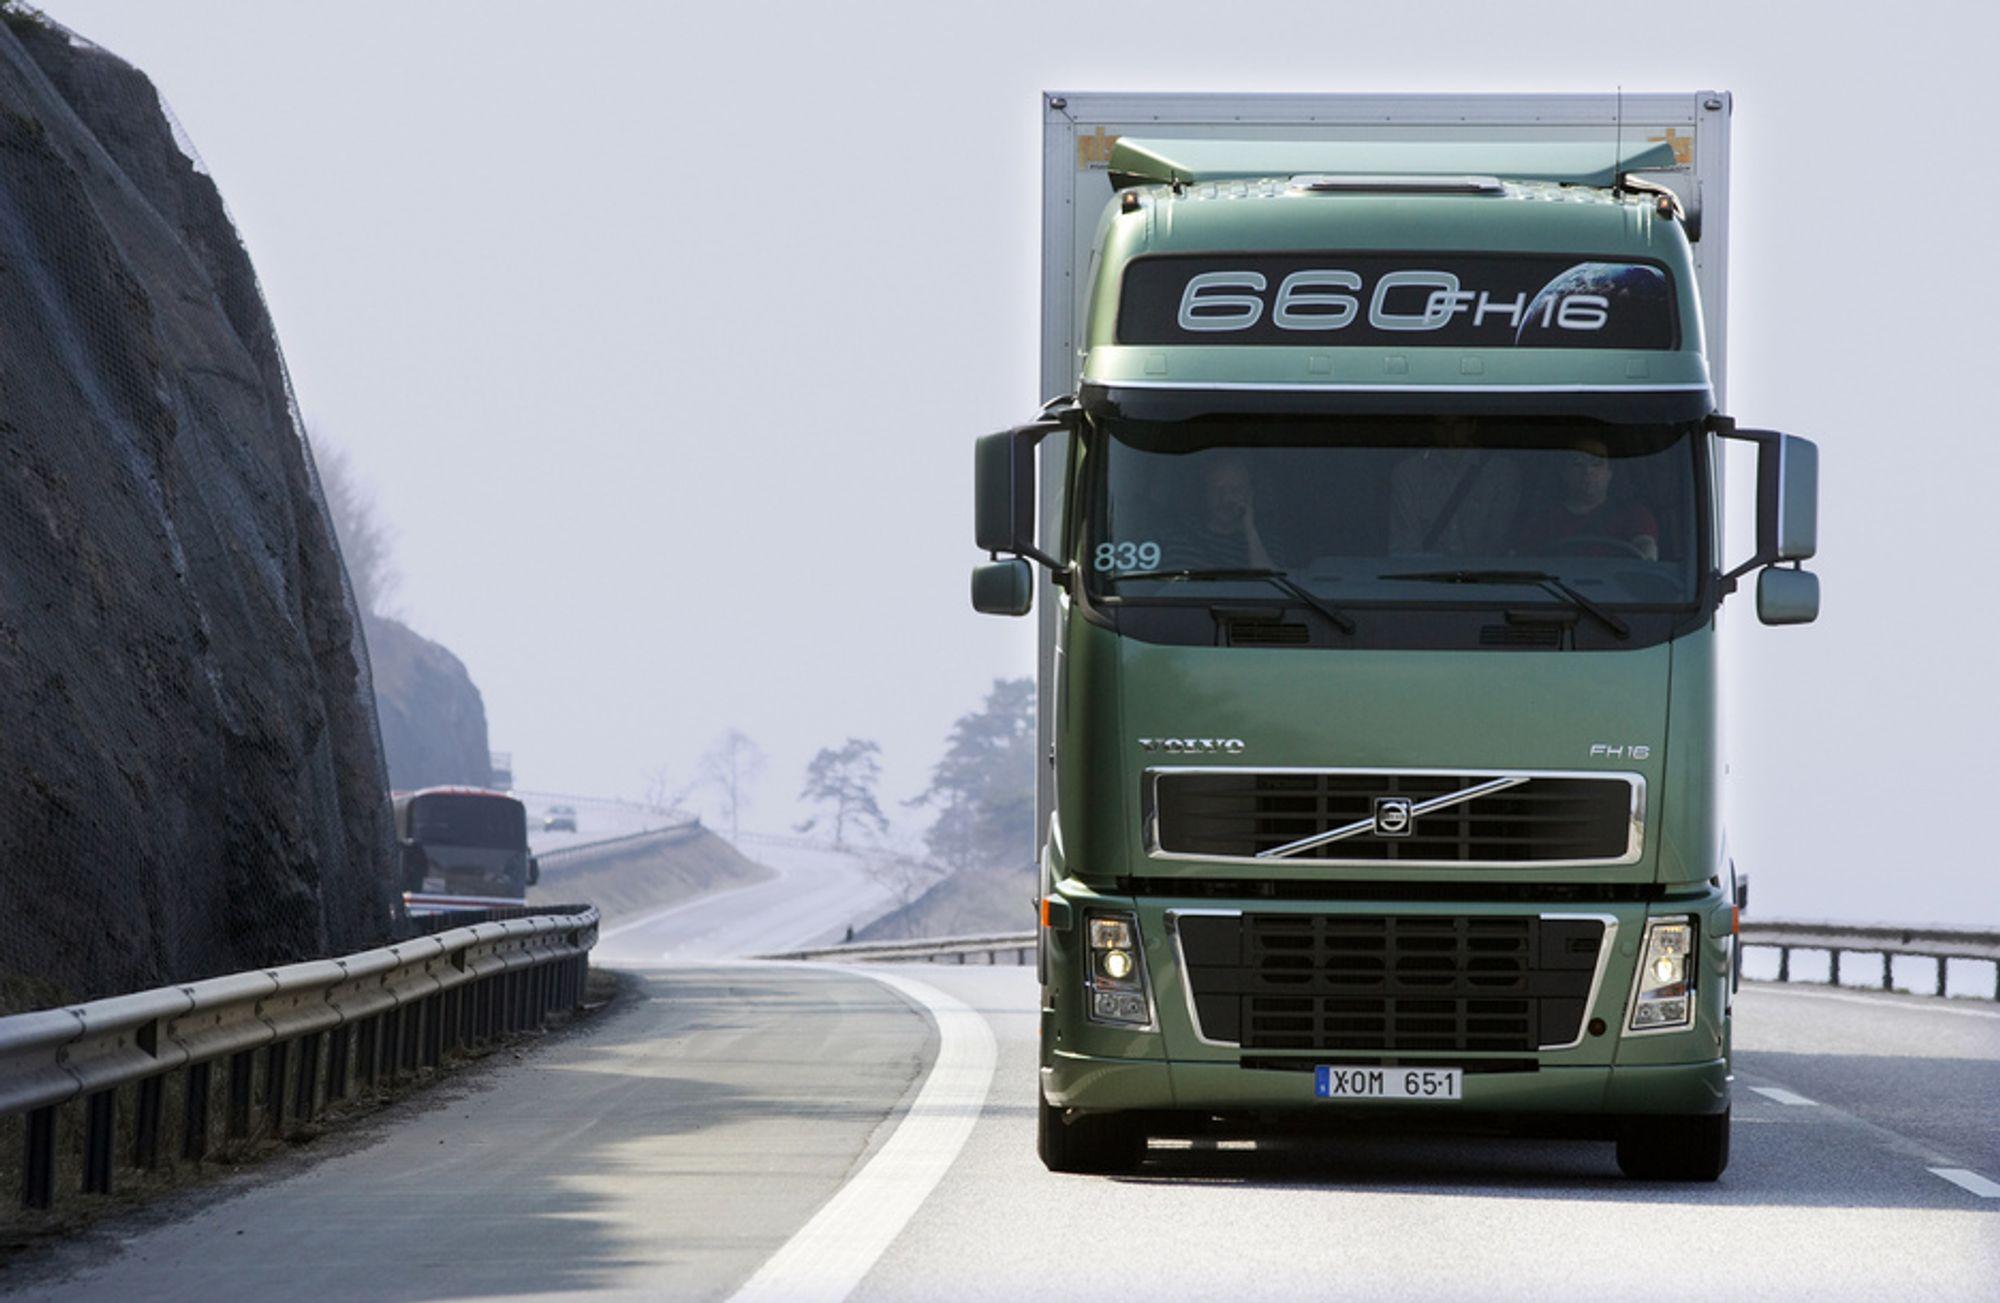 ØKT AKTIVITET: Svenskene produserer en stor del av Europas lastebiler. Økt aktivitet og vekst i sentrale økonomier i Europa sikrer at svensk industri klarer seg bedre.